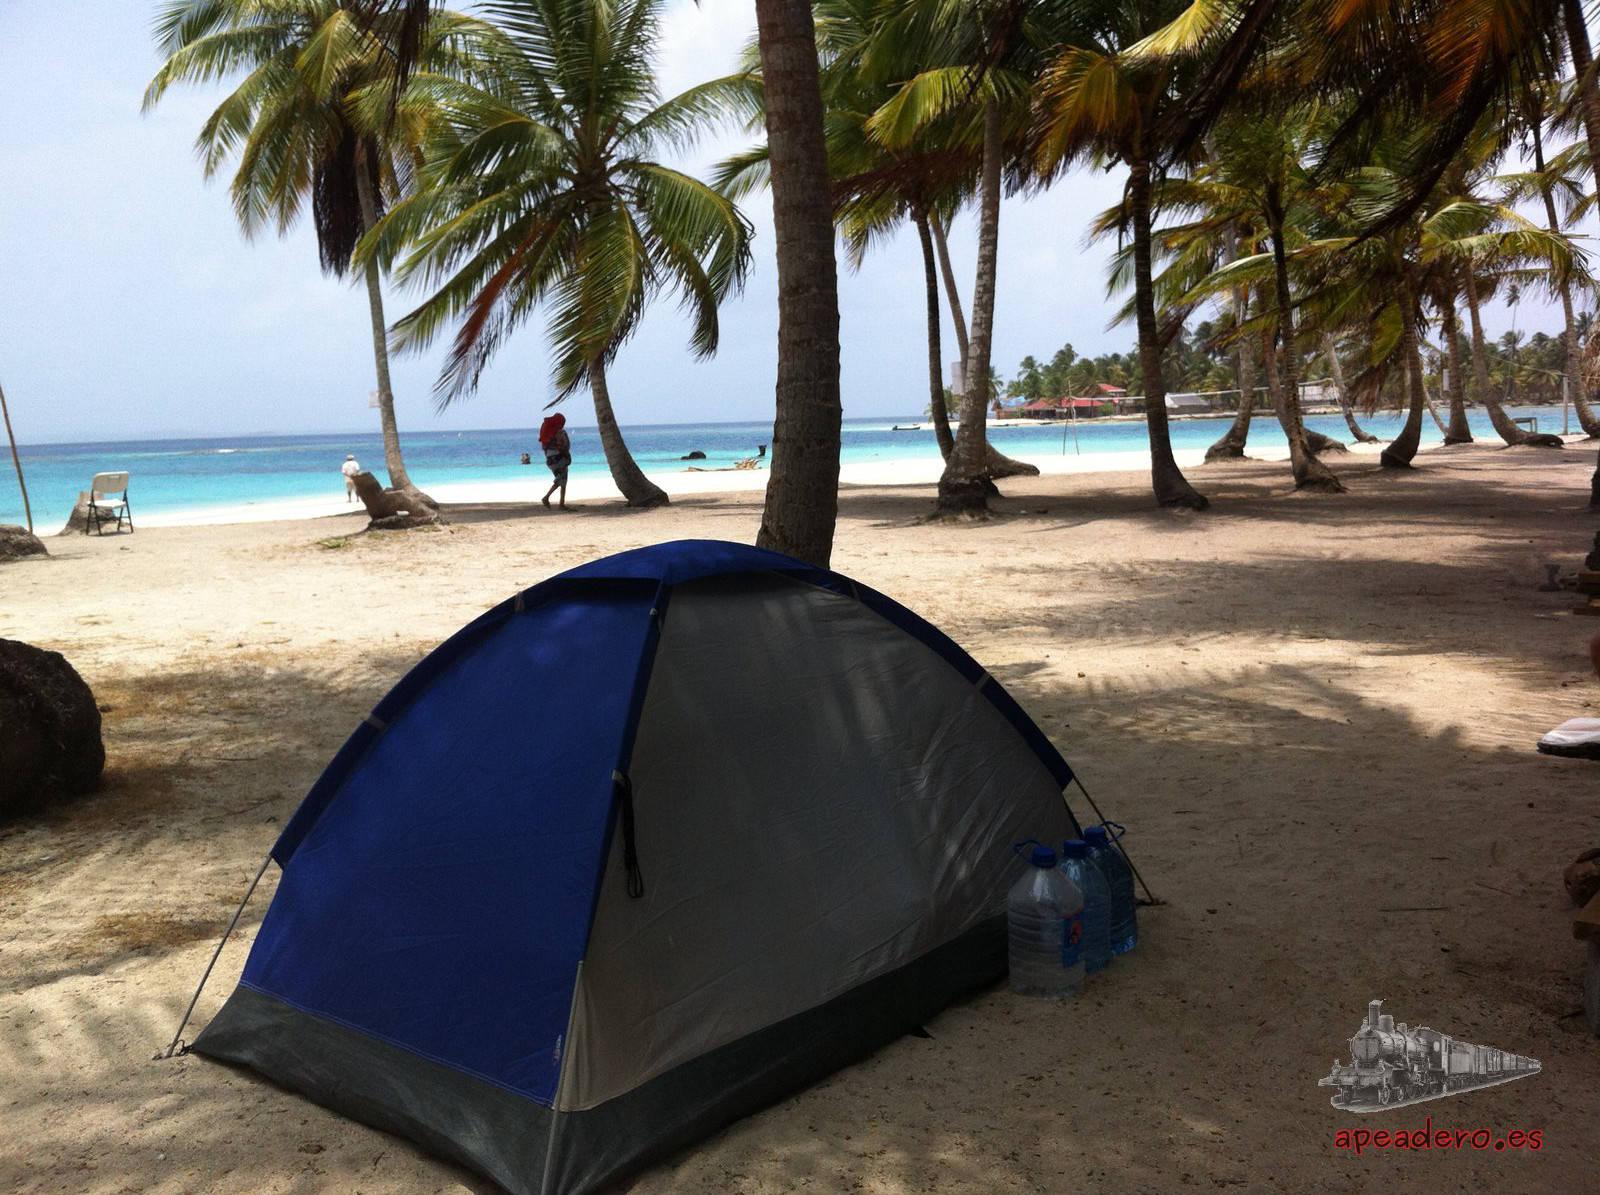 Cómo ir al archipiélago de San Blas por libre : 5 días por $100